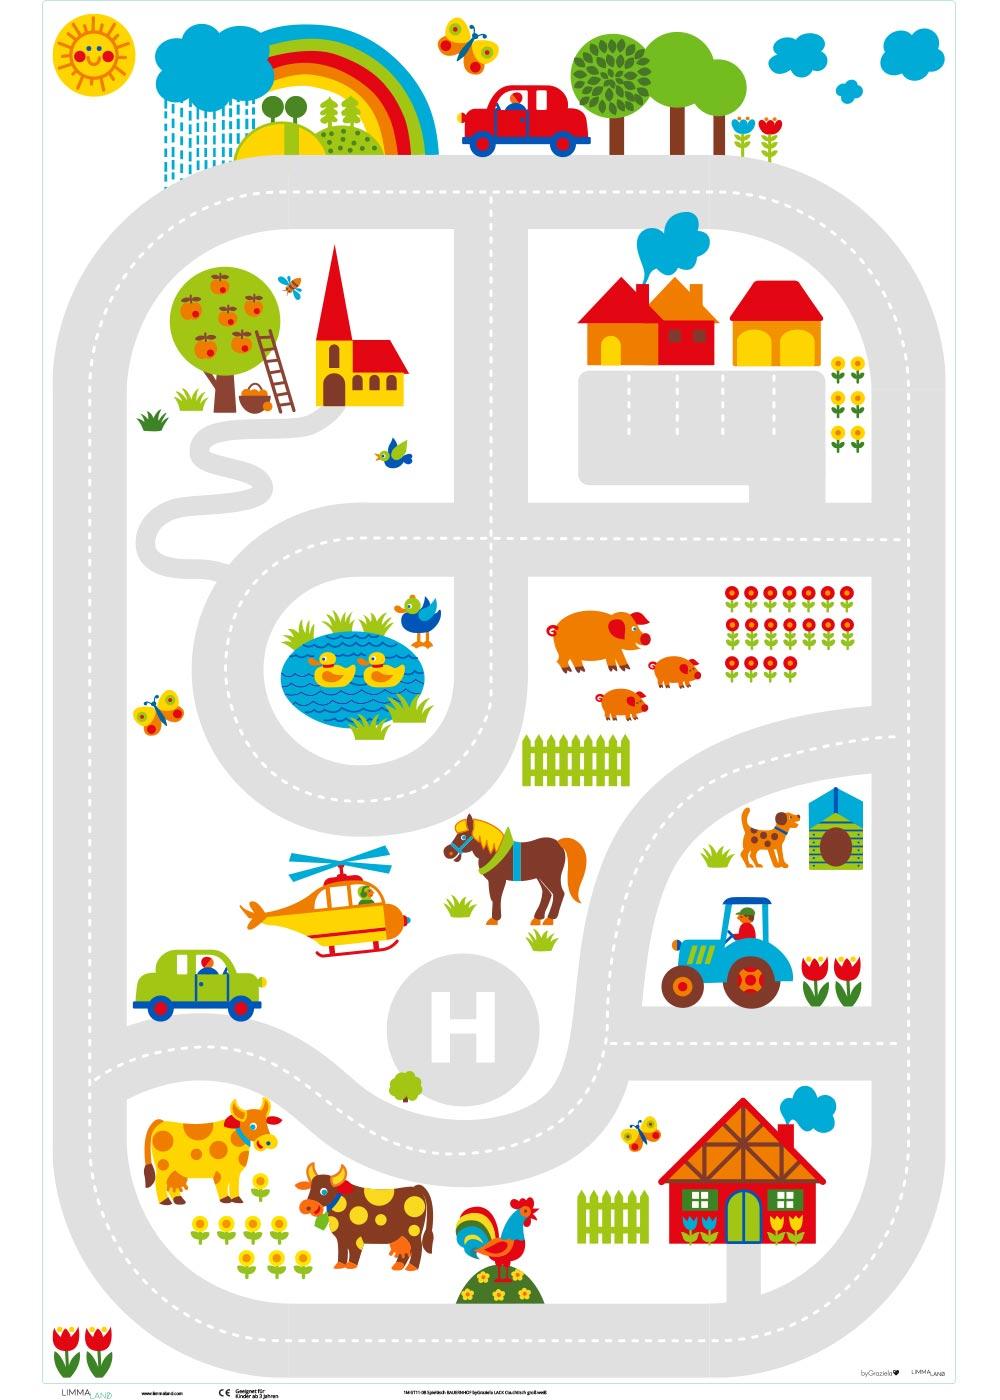 Ikea Lack Couchtisch ByGraziela Bauernhof 78x118 Druckvorlage